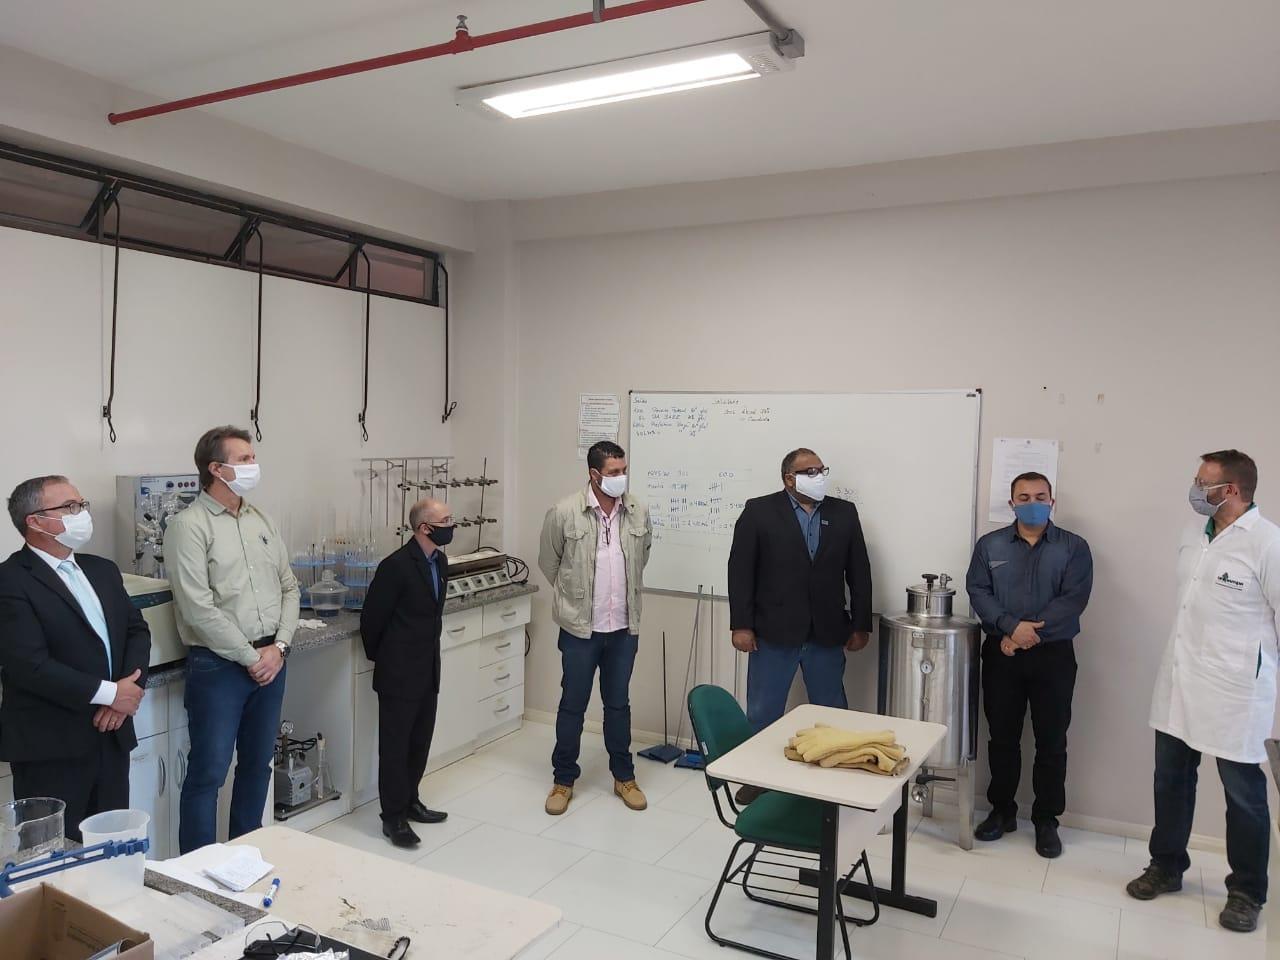 O álcool foi produzido nos laboratórios do Campus Bagé da Unipampa